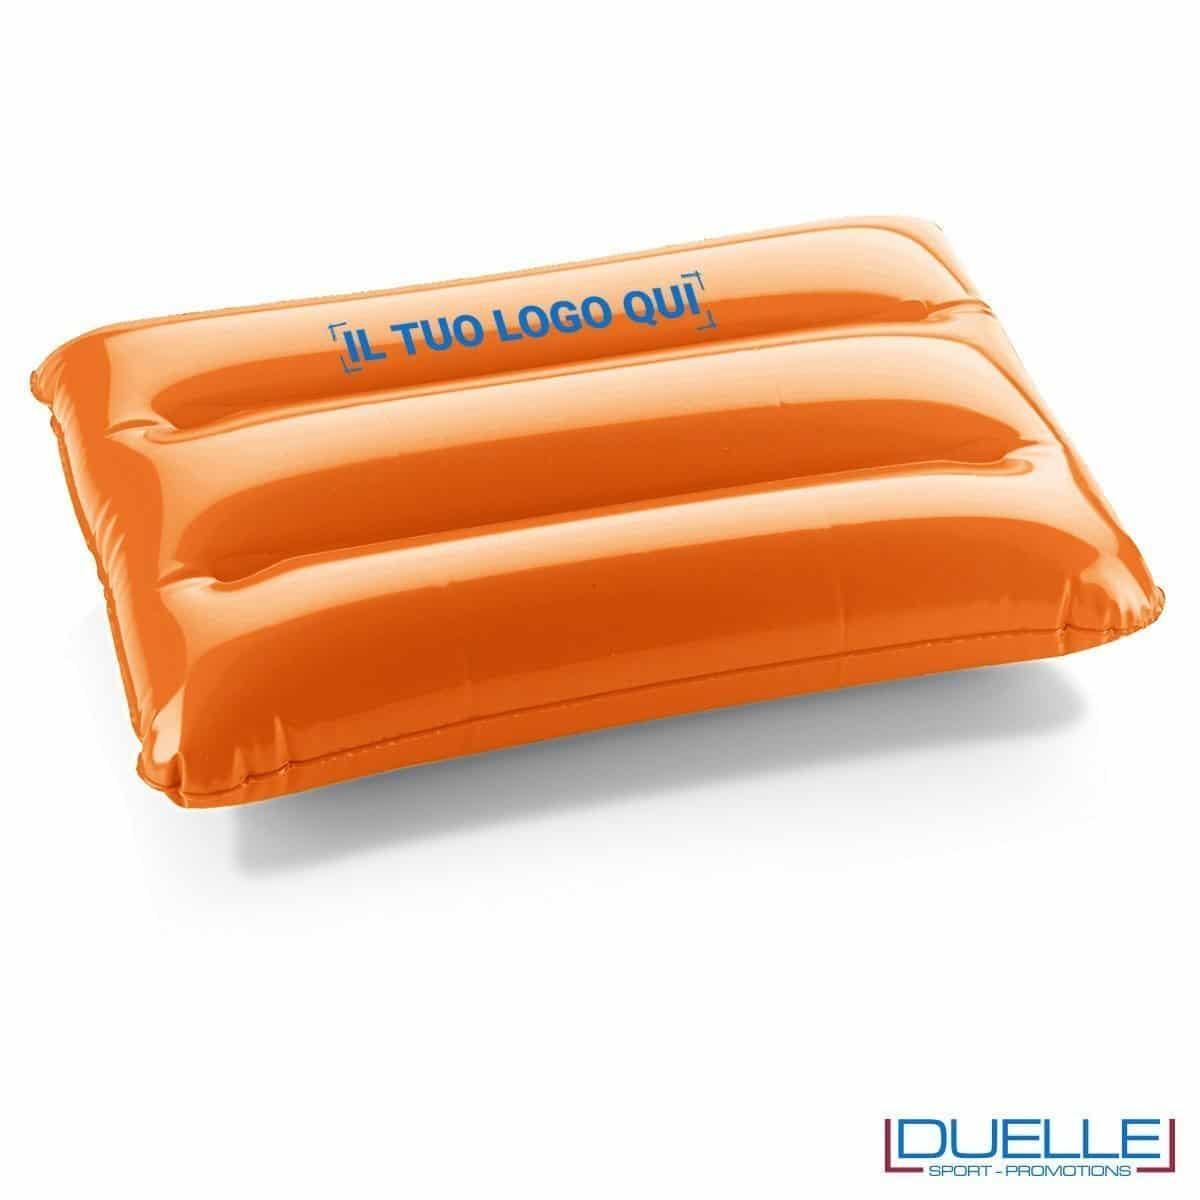 cuscino gonfiabile personalizzato in colore arancione, cuscino da spiaggia gonfiabile personalizzato con logo